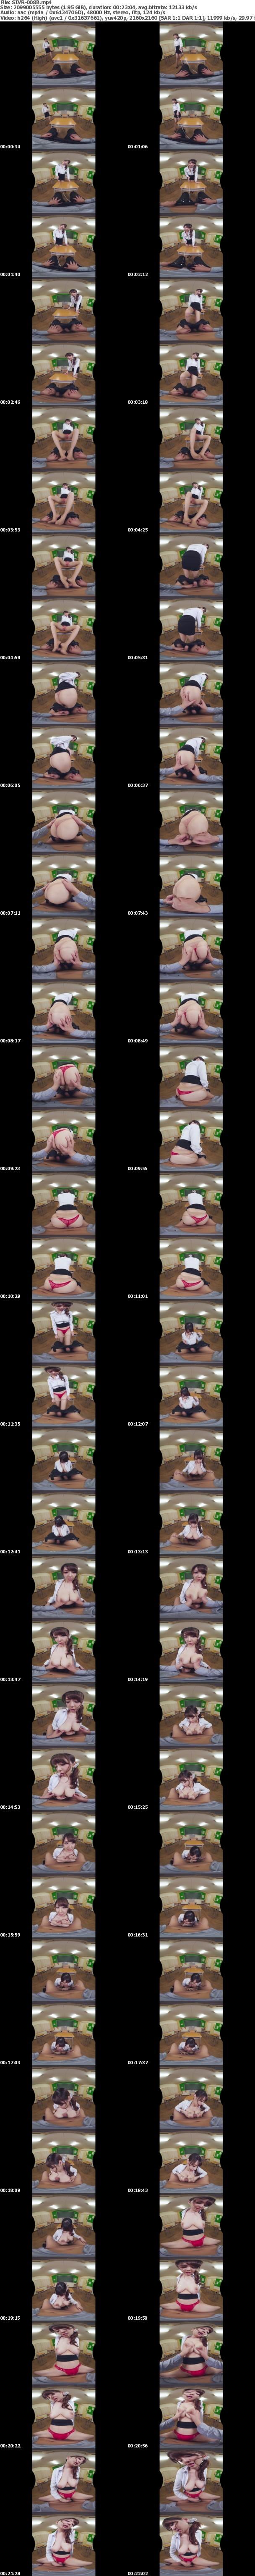 VR/3D SIVR-008 【お得!!VR5作品セット×S1】RIONの超ド迫力VRを5タイトル丸っと詰め合わせ120分長尺BOX【目の前におま●こ見せつけド迫力オナニー】【チ●ポしごかれ体感!巨乳女教師の密着テクニック】【巨乳新人ナースをヴァーチャルリアル痴漢】 RION